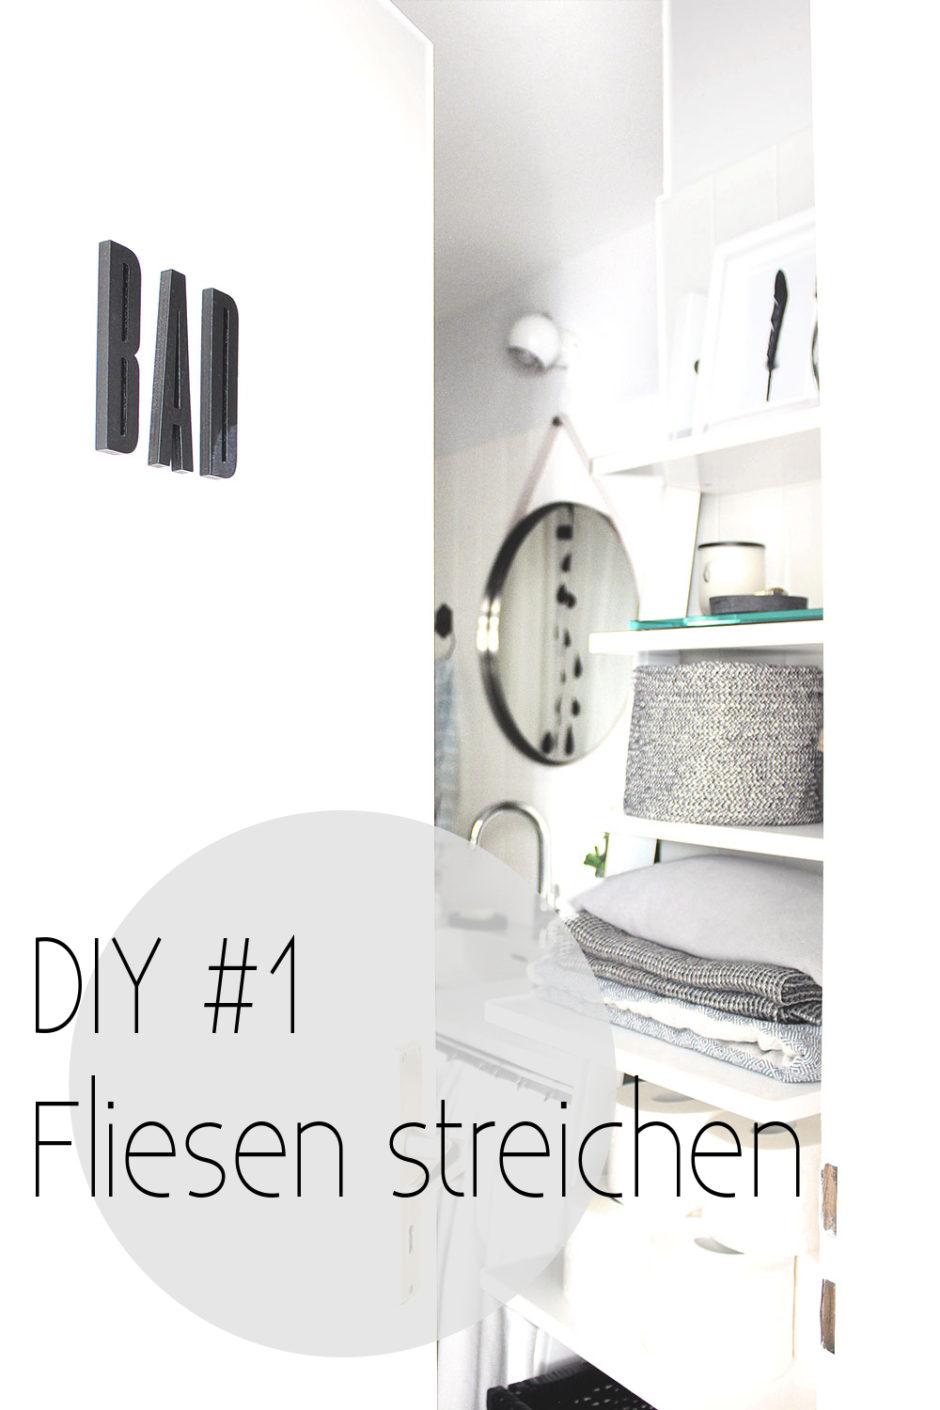 Full Size of Bodenfliesen Streichen Mein Bad Voller Diys 1 Fliesen Oh A Room Küche Wohnzimmer Bodenfliesen Streichen